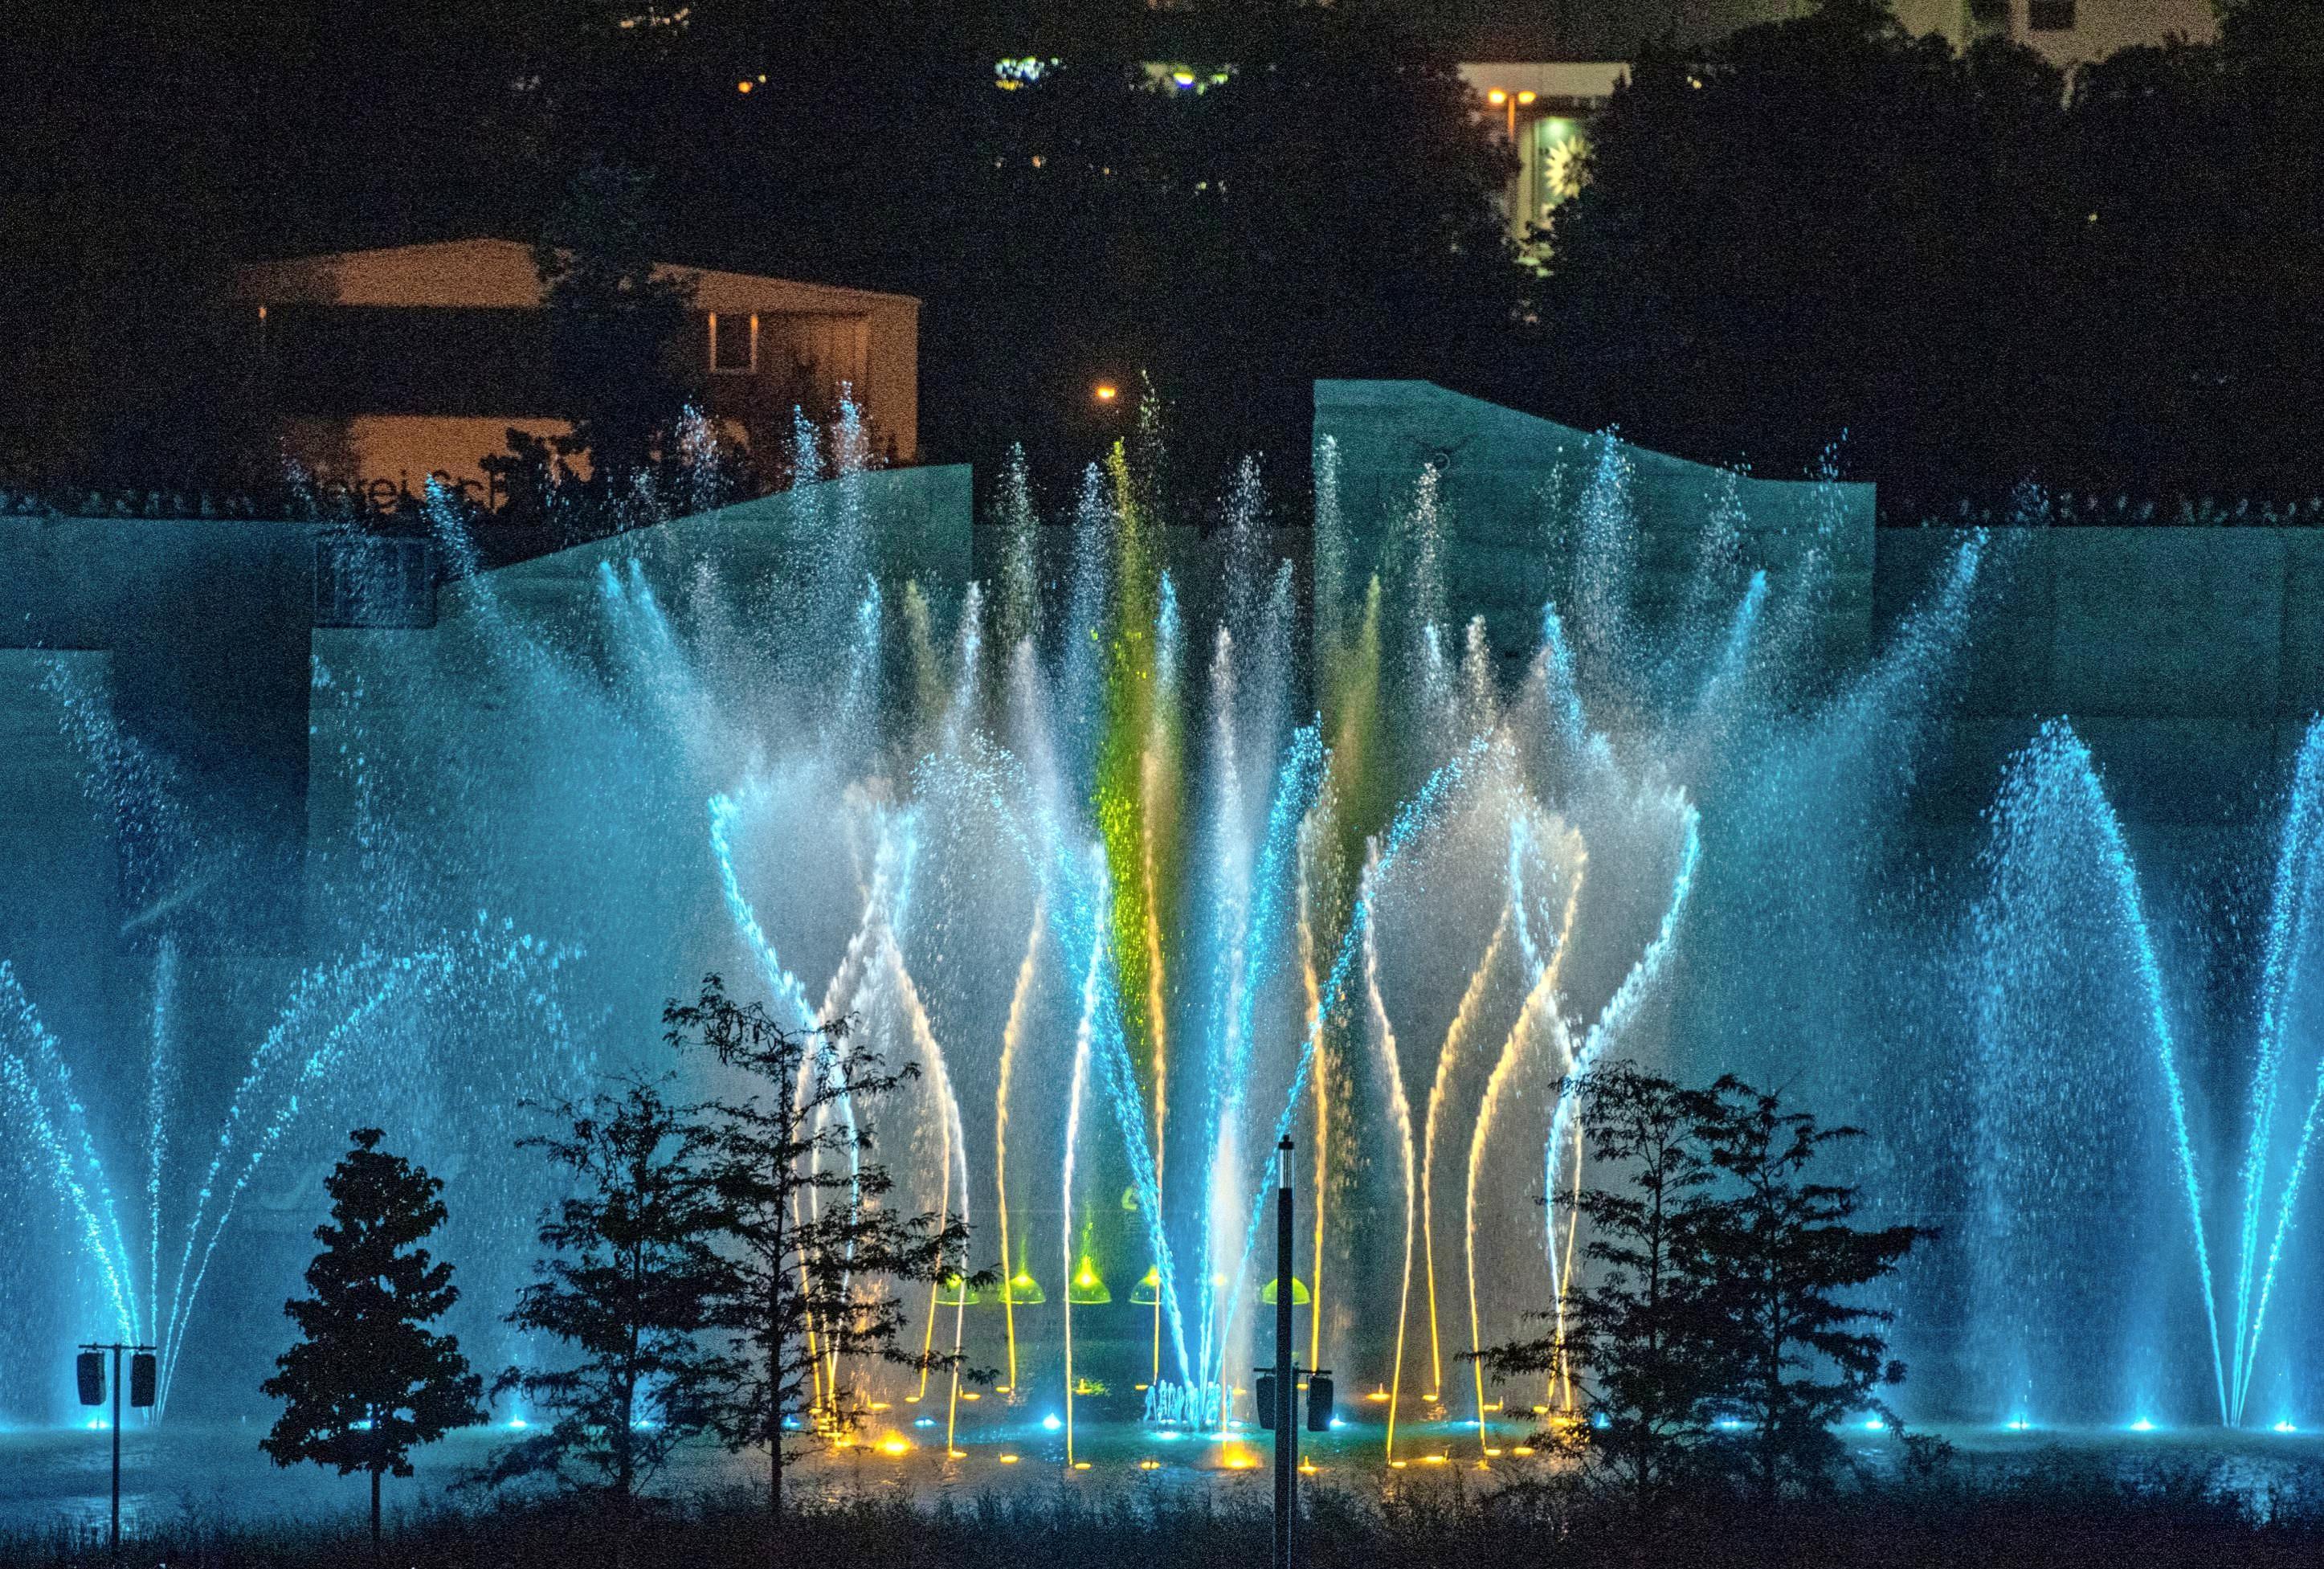 Zum Finale am 6. Oktober, 19.45 Uhr, gibt es noch einmal<div>eine der spektakulären Wassershows zu sehen.</div>